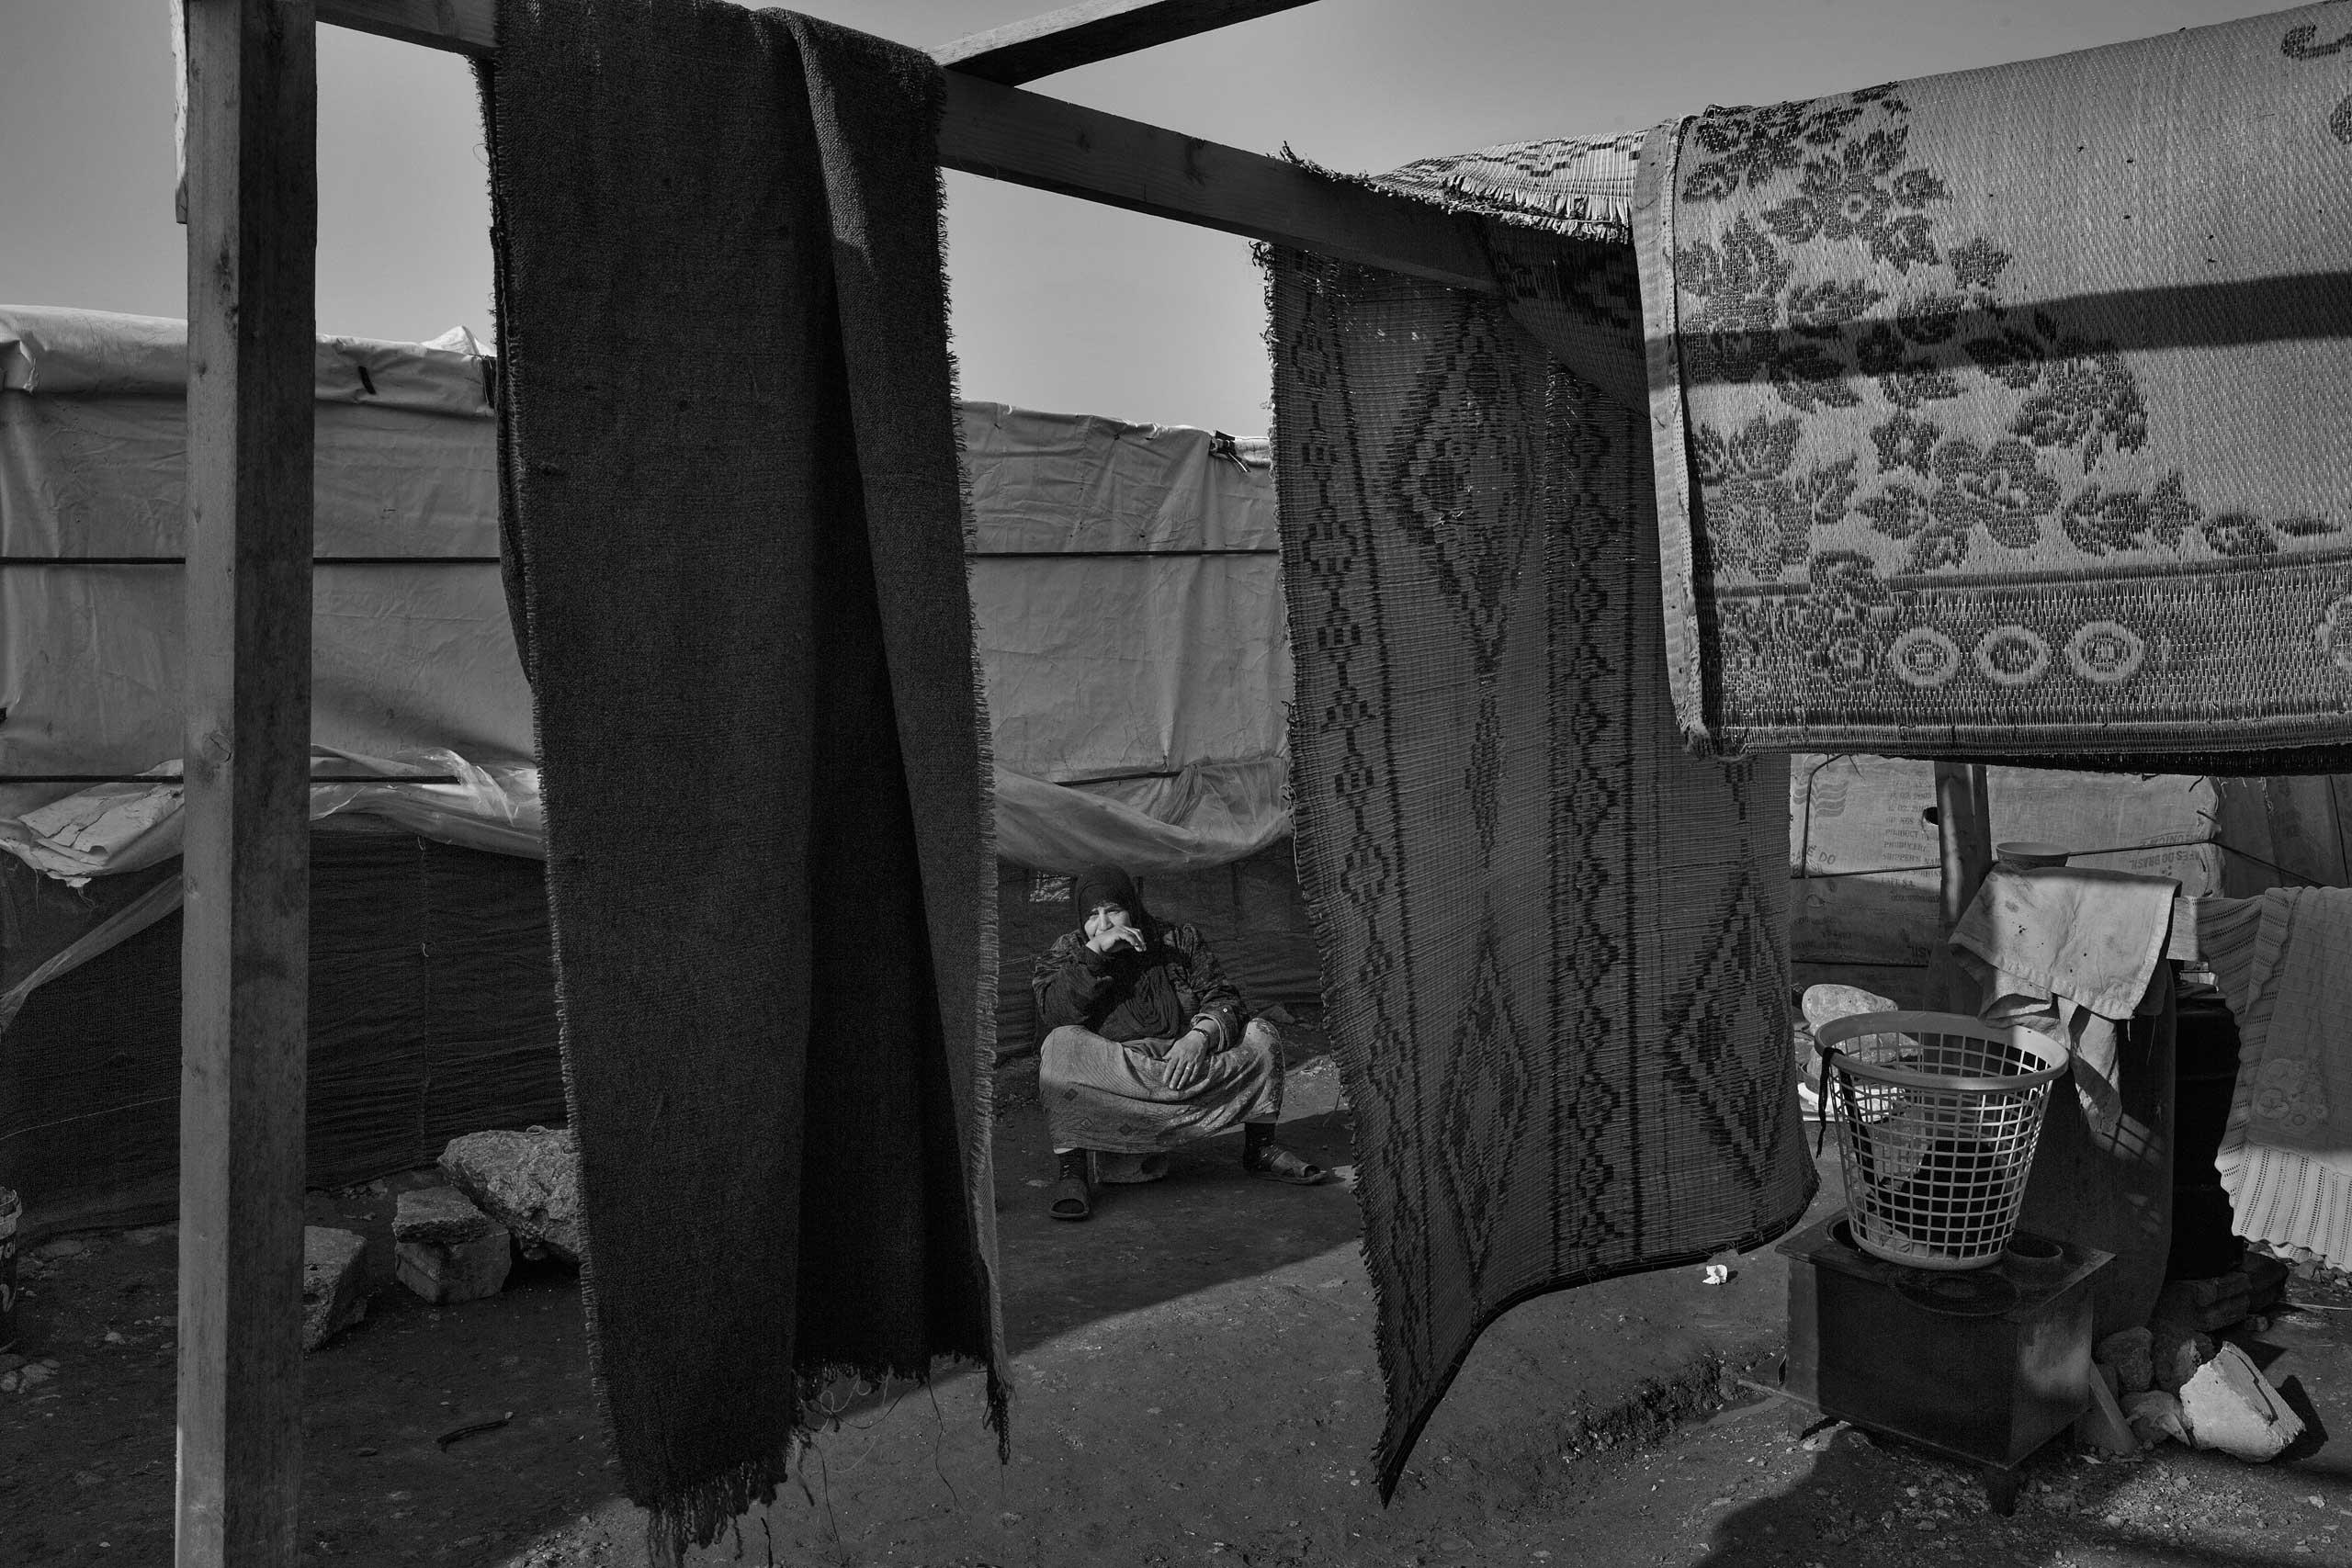 January 2014. Tripoli, Lebanon. Syrian refugees in Lebanon's informal settlements.